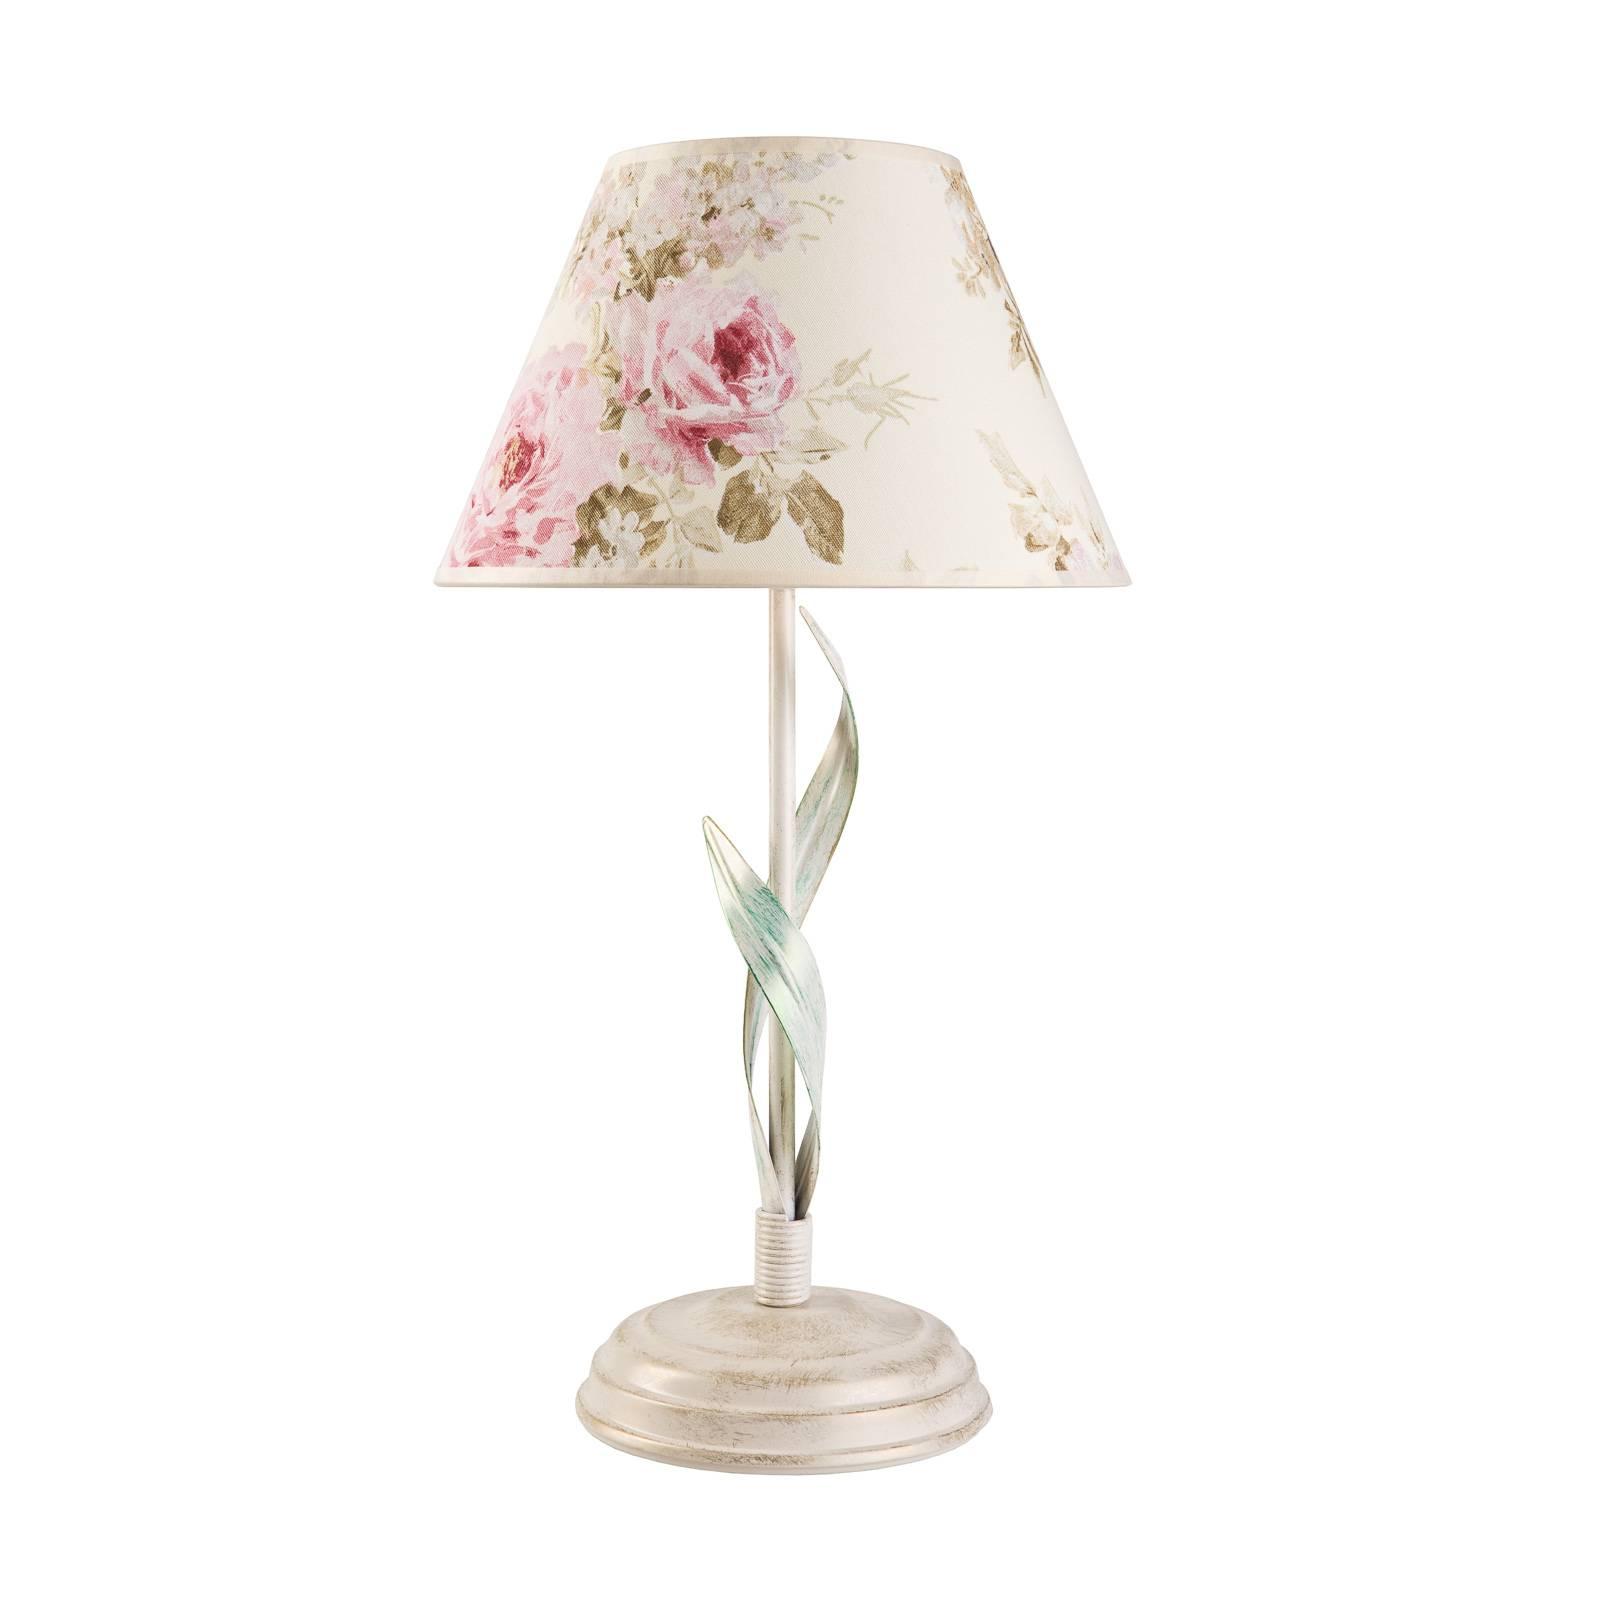 Pöytälamppu Sara kukkakuviollisella varjostimella